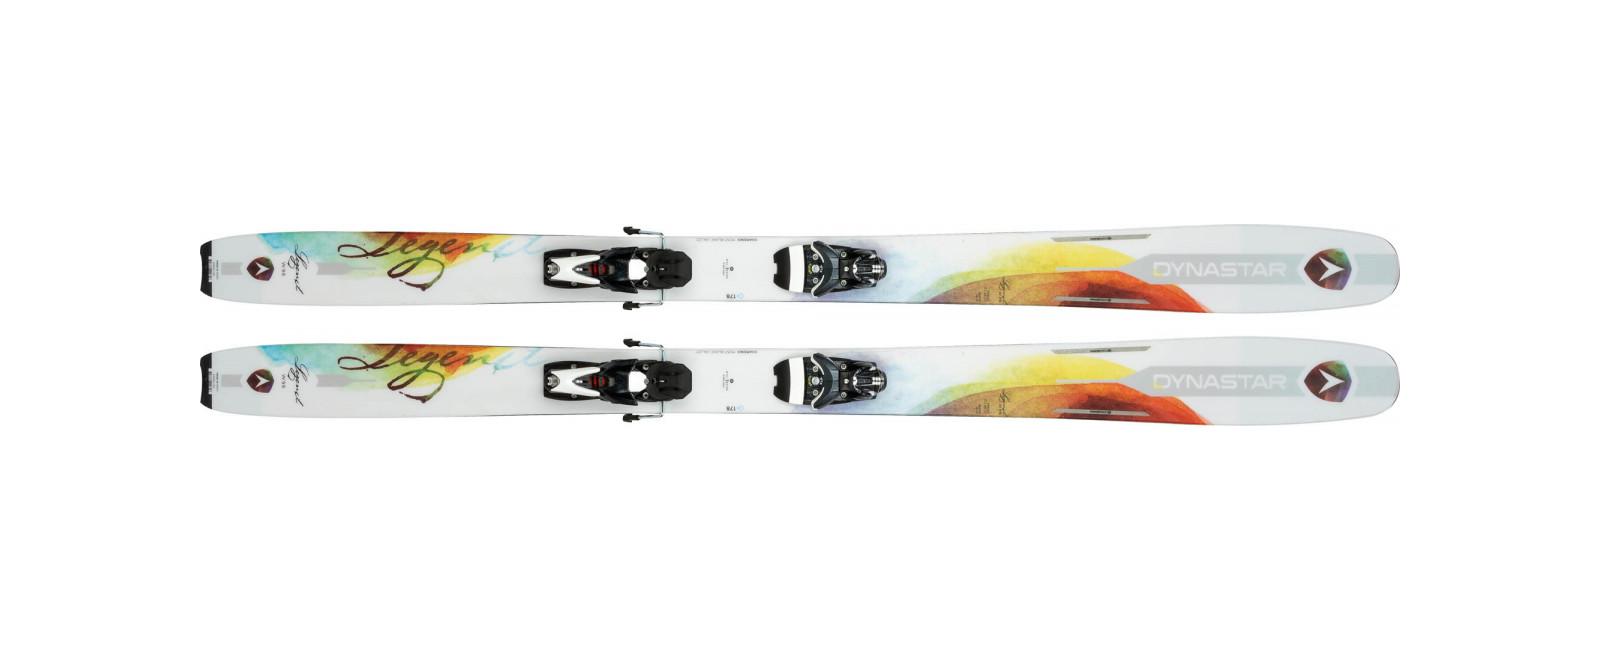 skis LEGEND W96